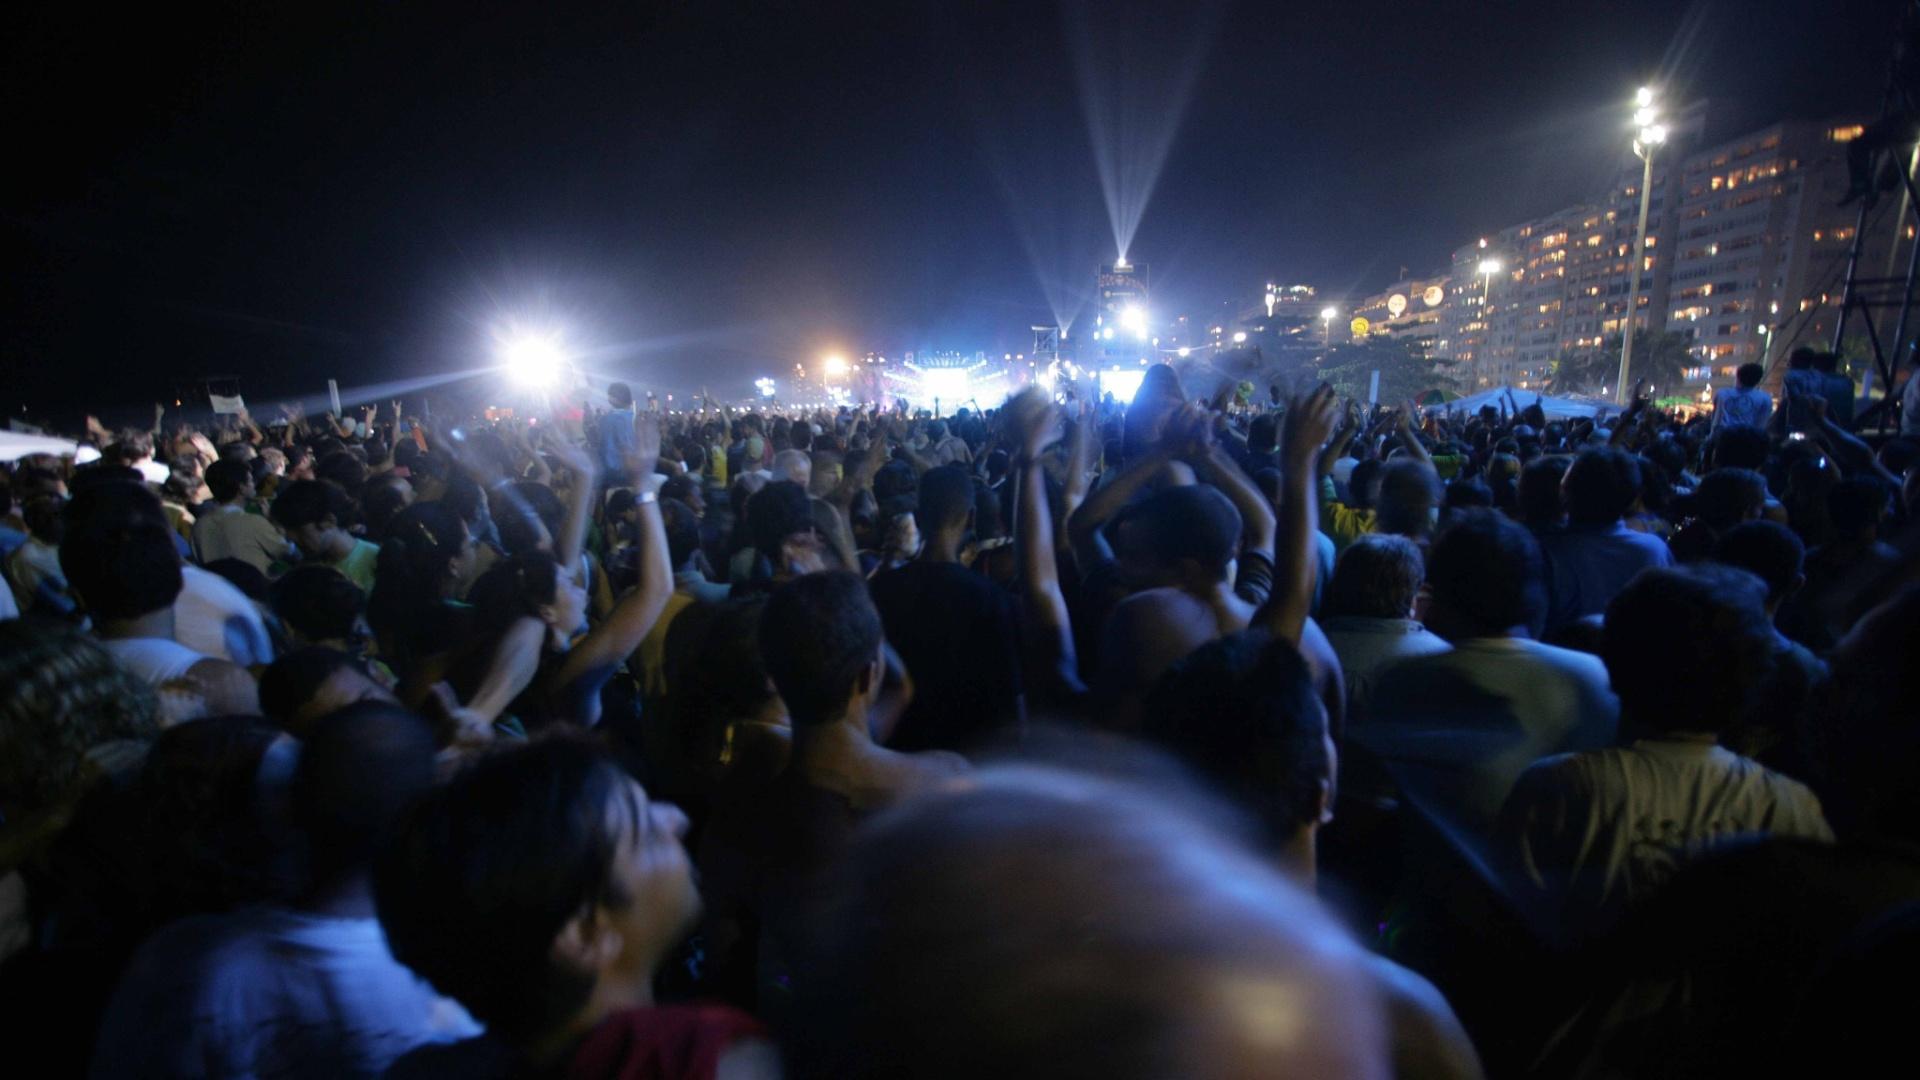 18.fev.2006 - Público assiste ao show dos Rolling Stones, que reuniu 1,2 milhão de pessoas na praia de Copacabana, no Rio de Janeiro